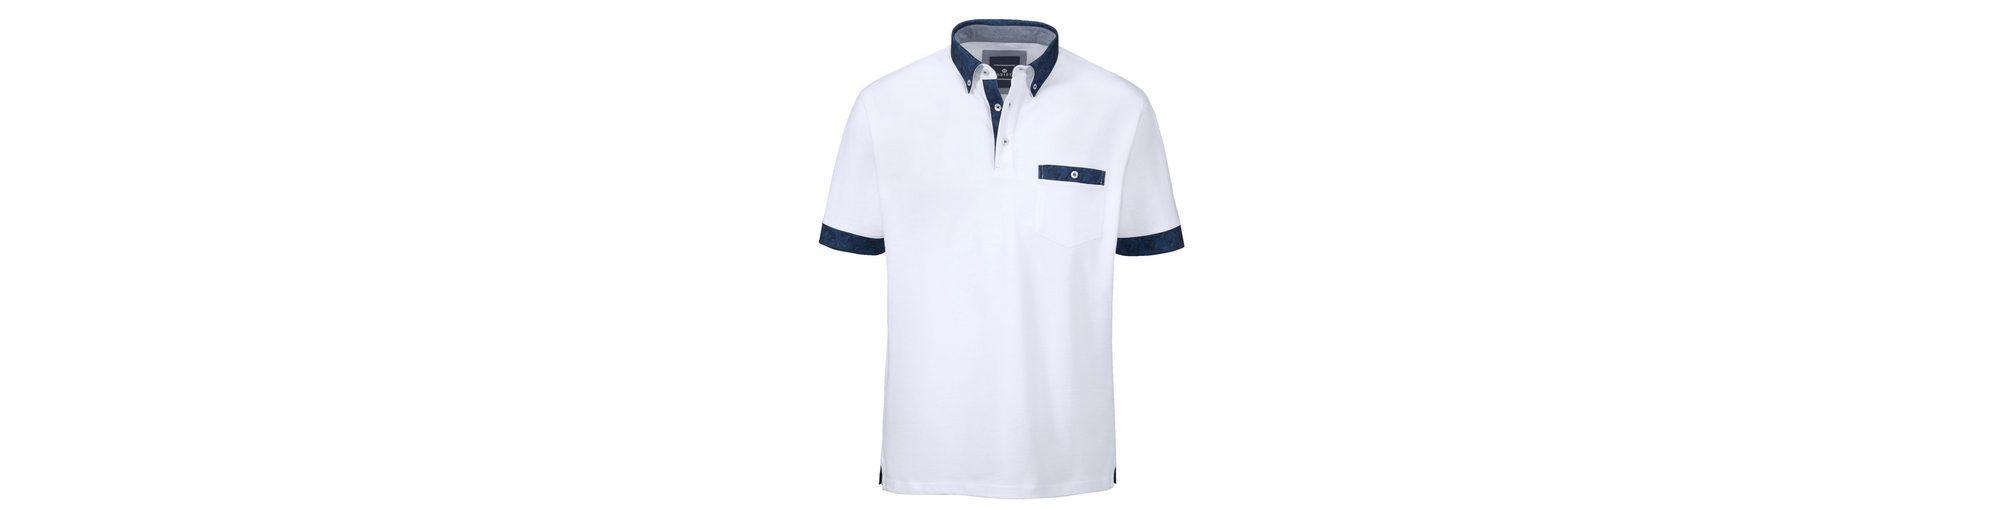 Babista Poloshirt mit floralen Akzenten Verkauf Online-Shopping wSyZtYMP18